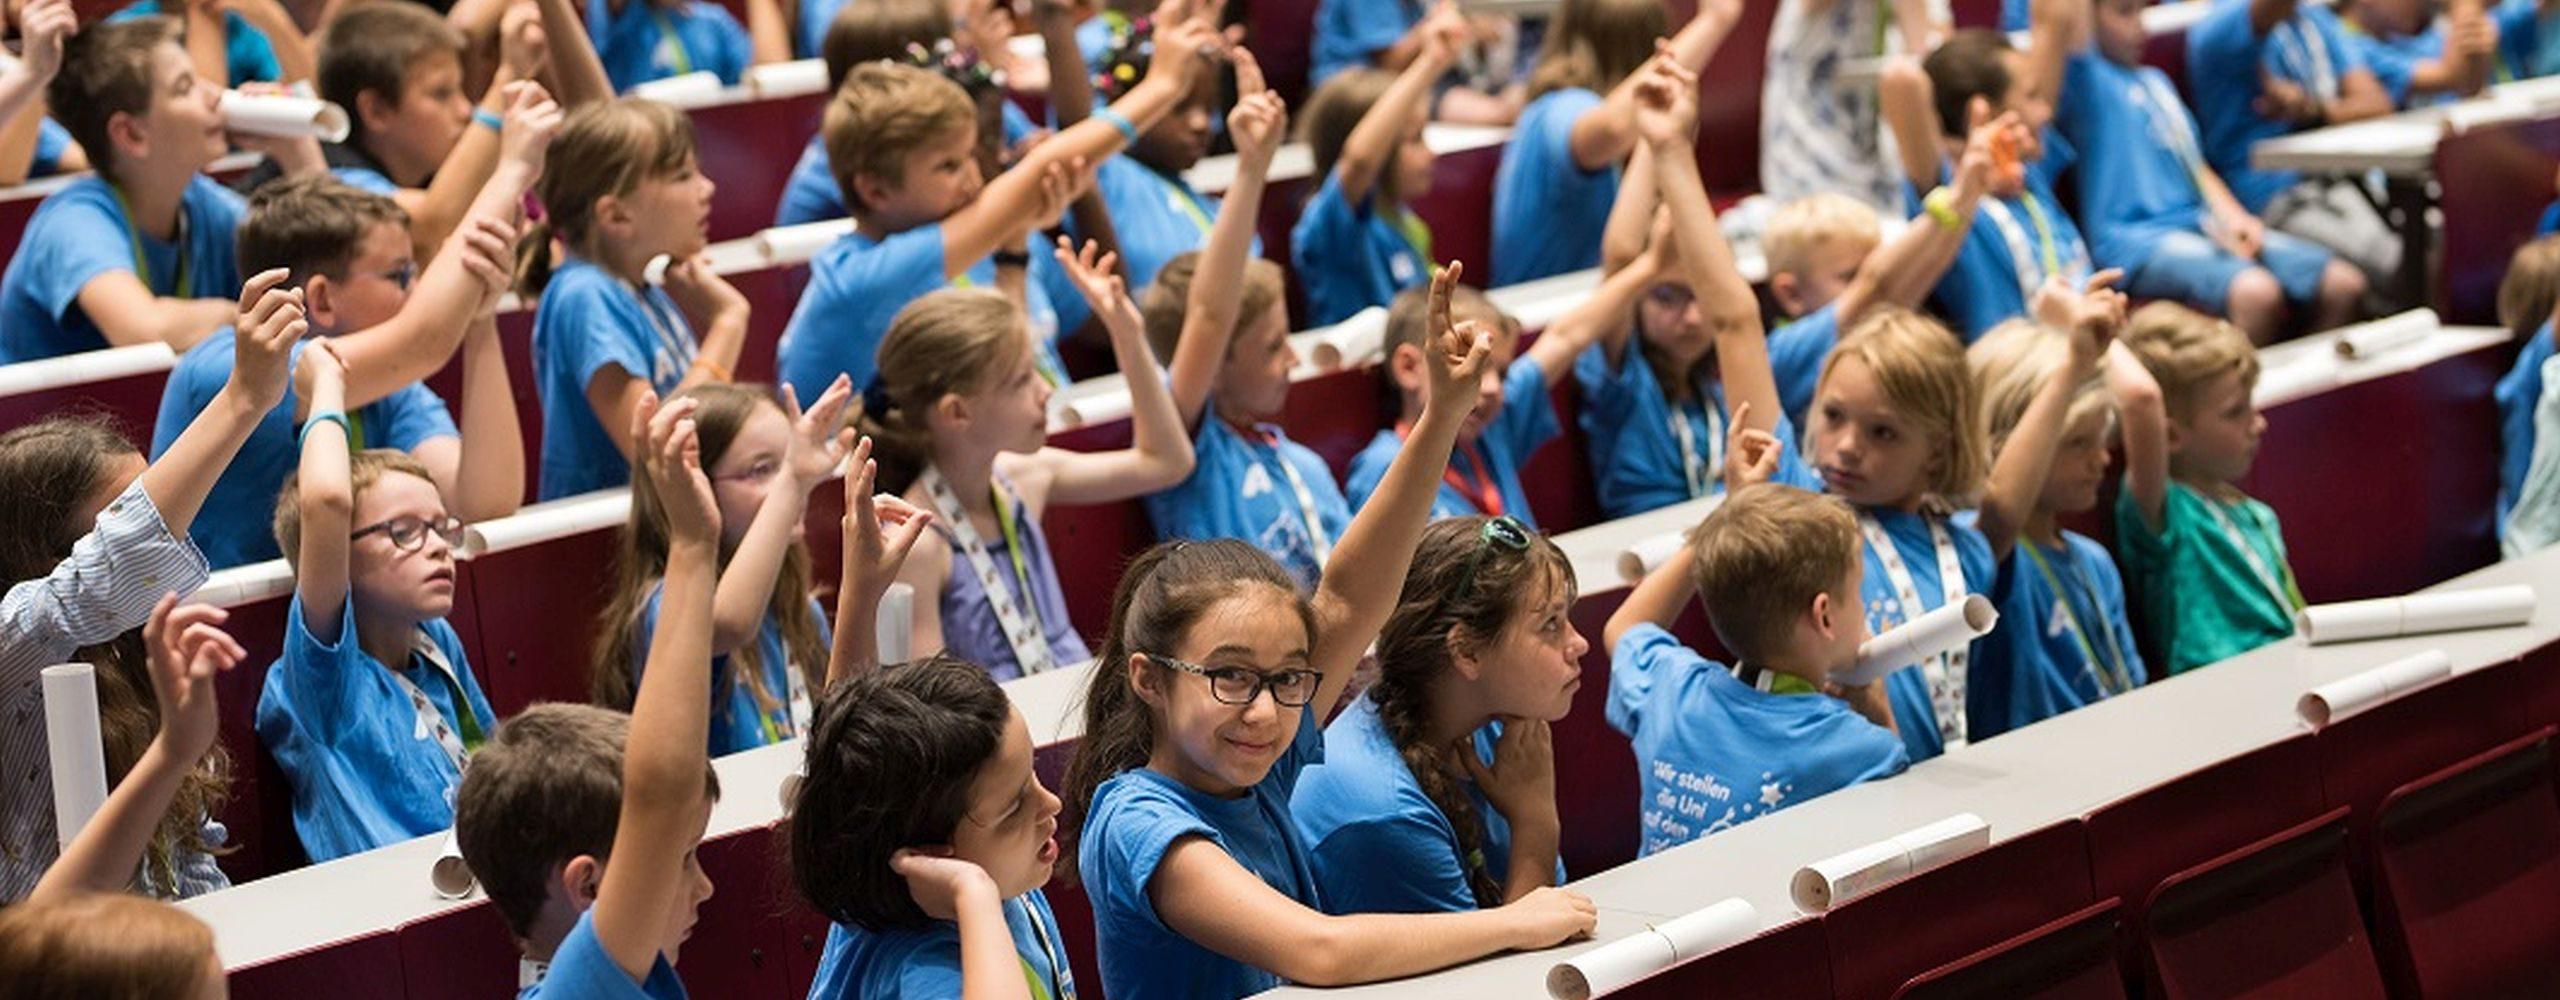 KinderUni © Kinderbüro der Universität Wien / Phillip Lichtenegger